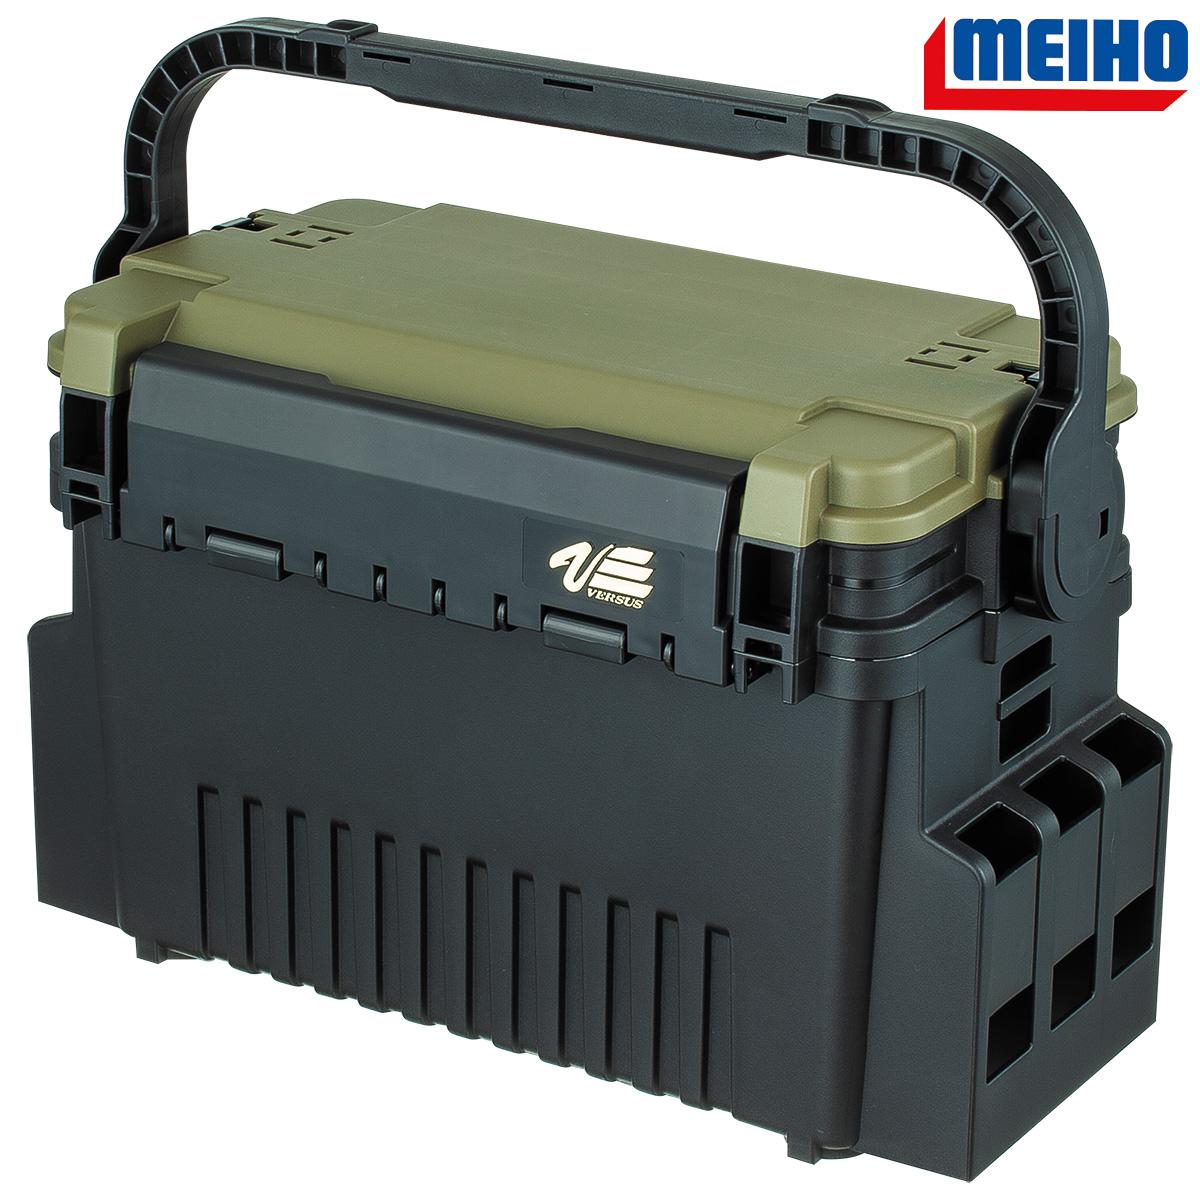 MEIHO Versus VS-7070N mit Handle Stopper Angelkiste